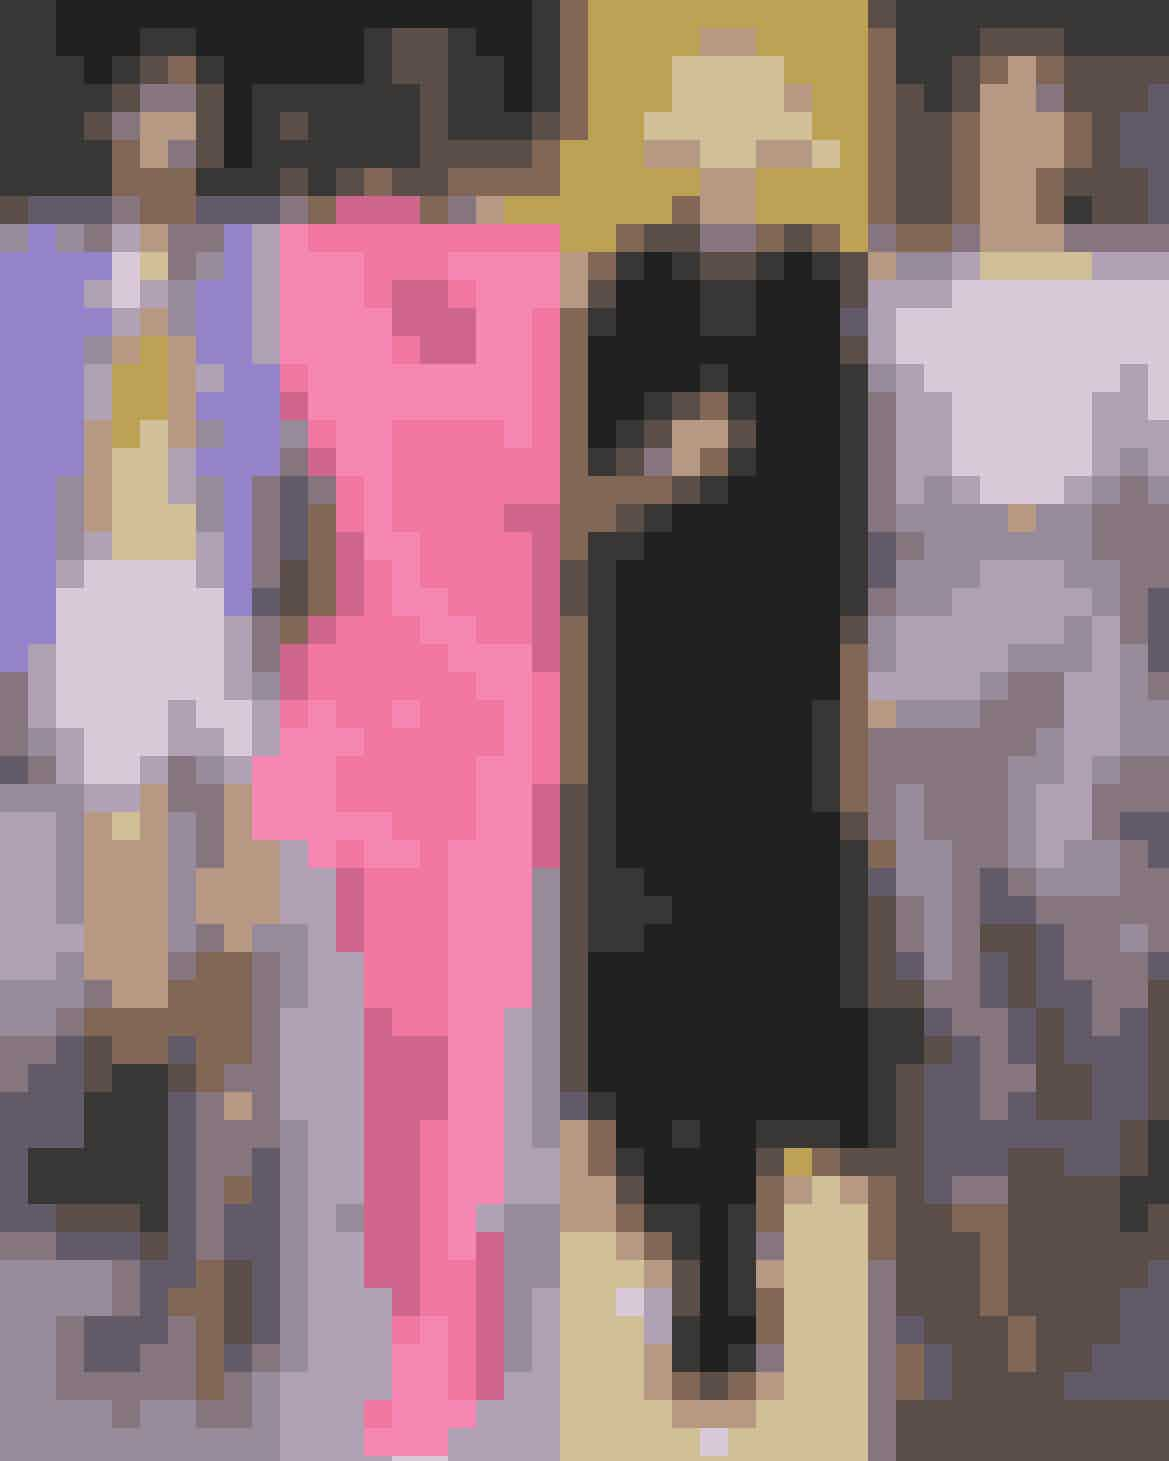 """Uffe Buchards Trendrapport sætter spot på SS21-kollektionerne, hvor designerne bag har alle skabt kollektioner og modebegivenheder, der på hver deres måde kredser om temaet frihed:""""Vi kan godt bruge fatamorganafesten og ditto beklædning til noget konstruktivt i disse tider."""""""